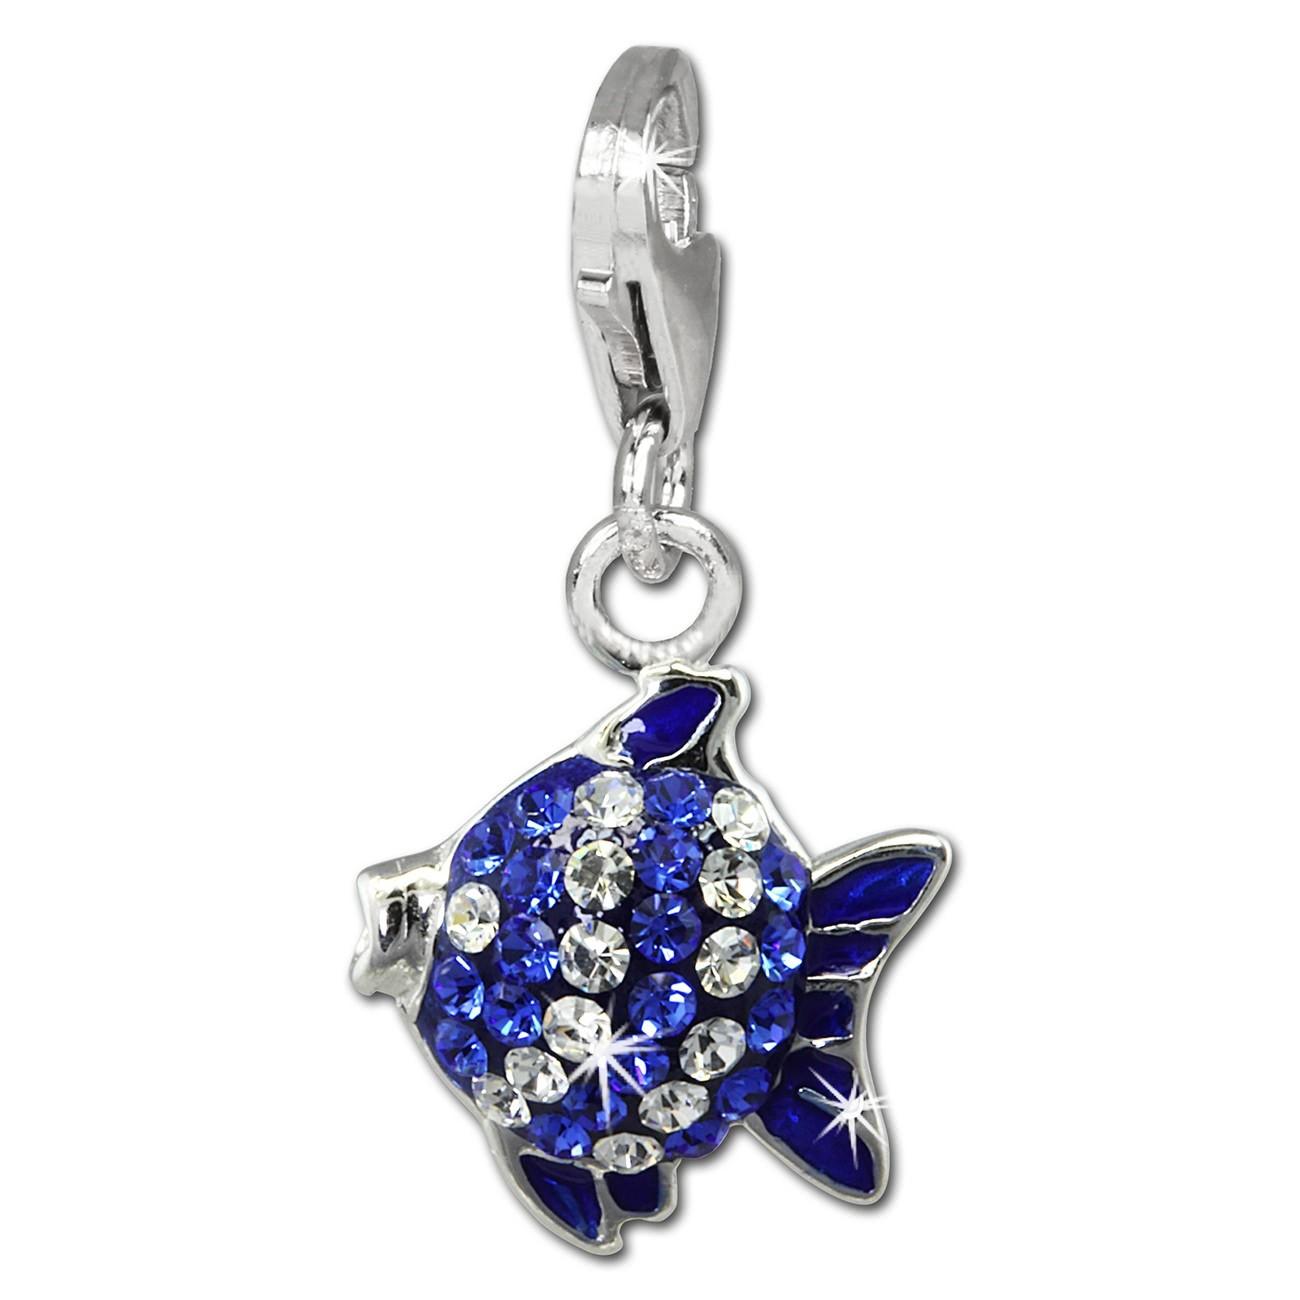 SilberDream Glitzer Charm Fisch blau Zirkonia Kristalle Anhänger GSC564B